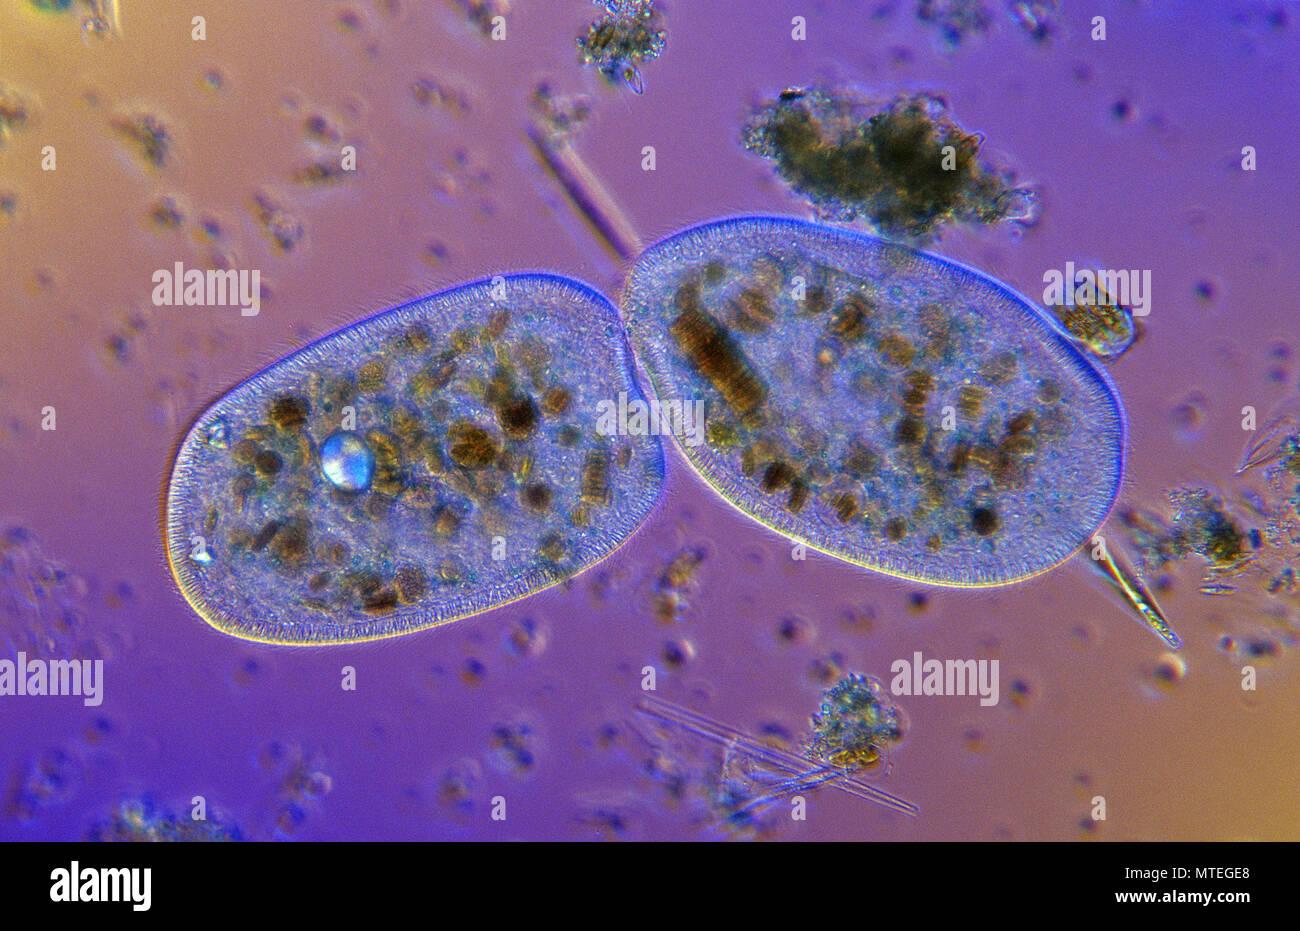 Bipartition.Cell division.Ciliata.Protozoan.Optic microscopy - Stock Image